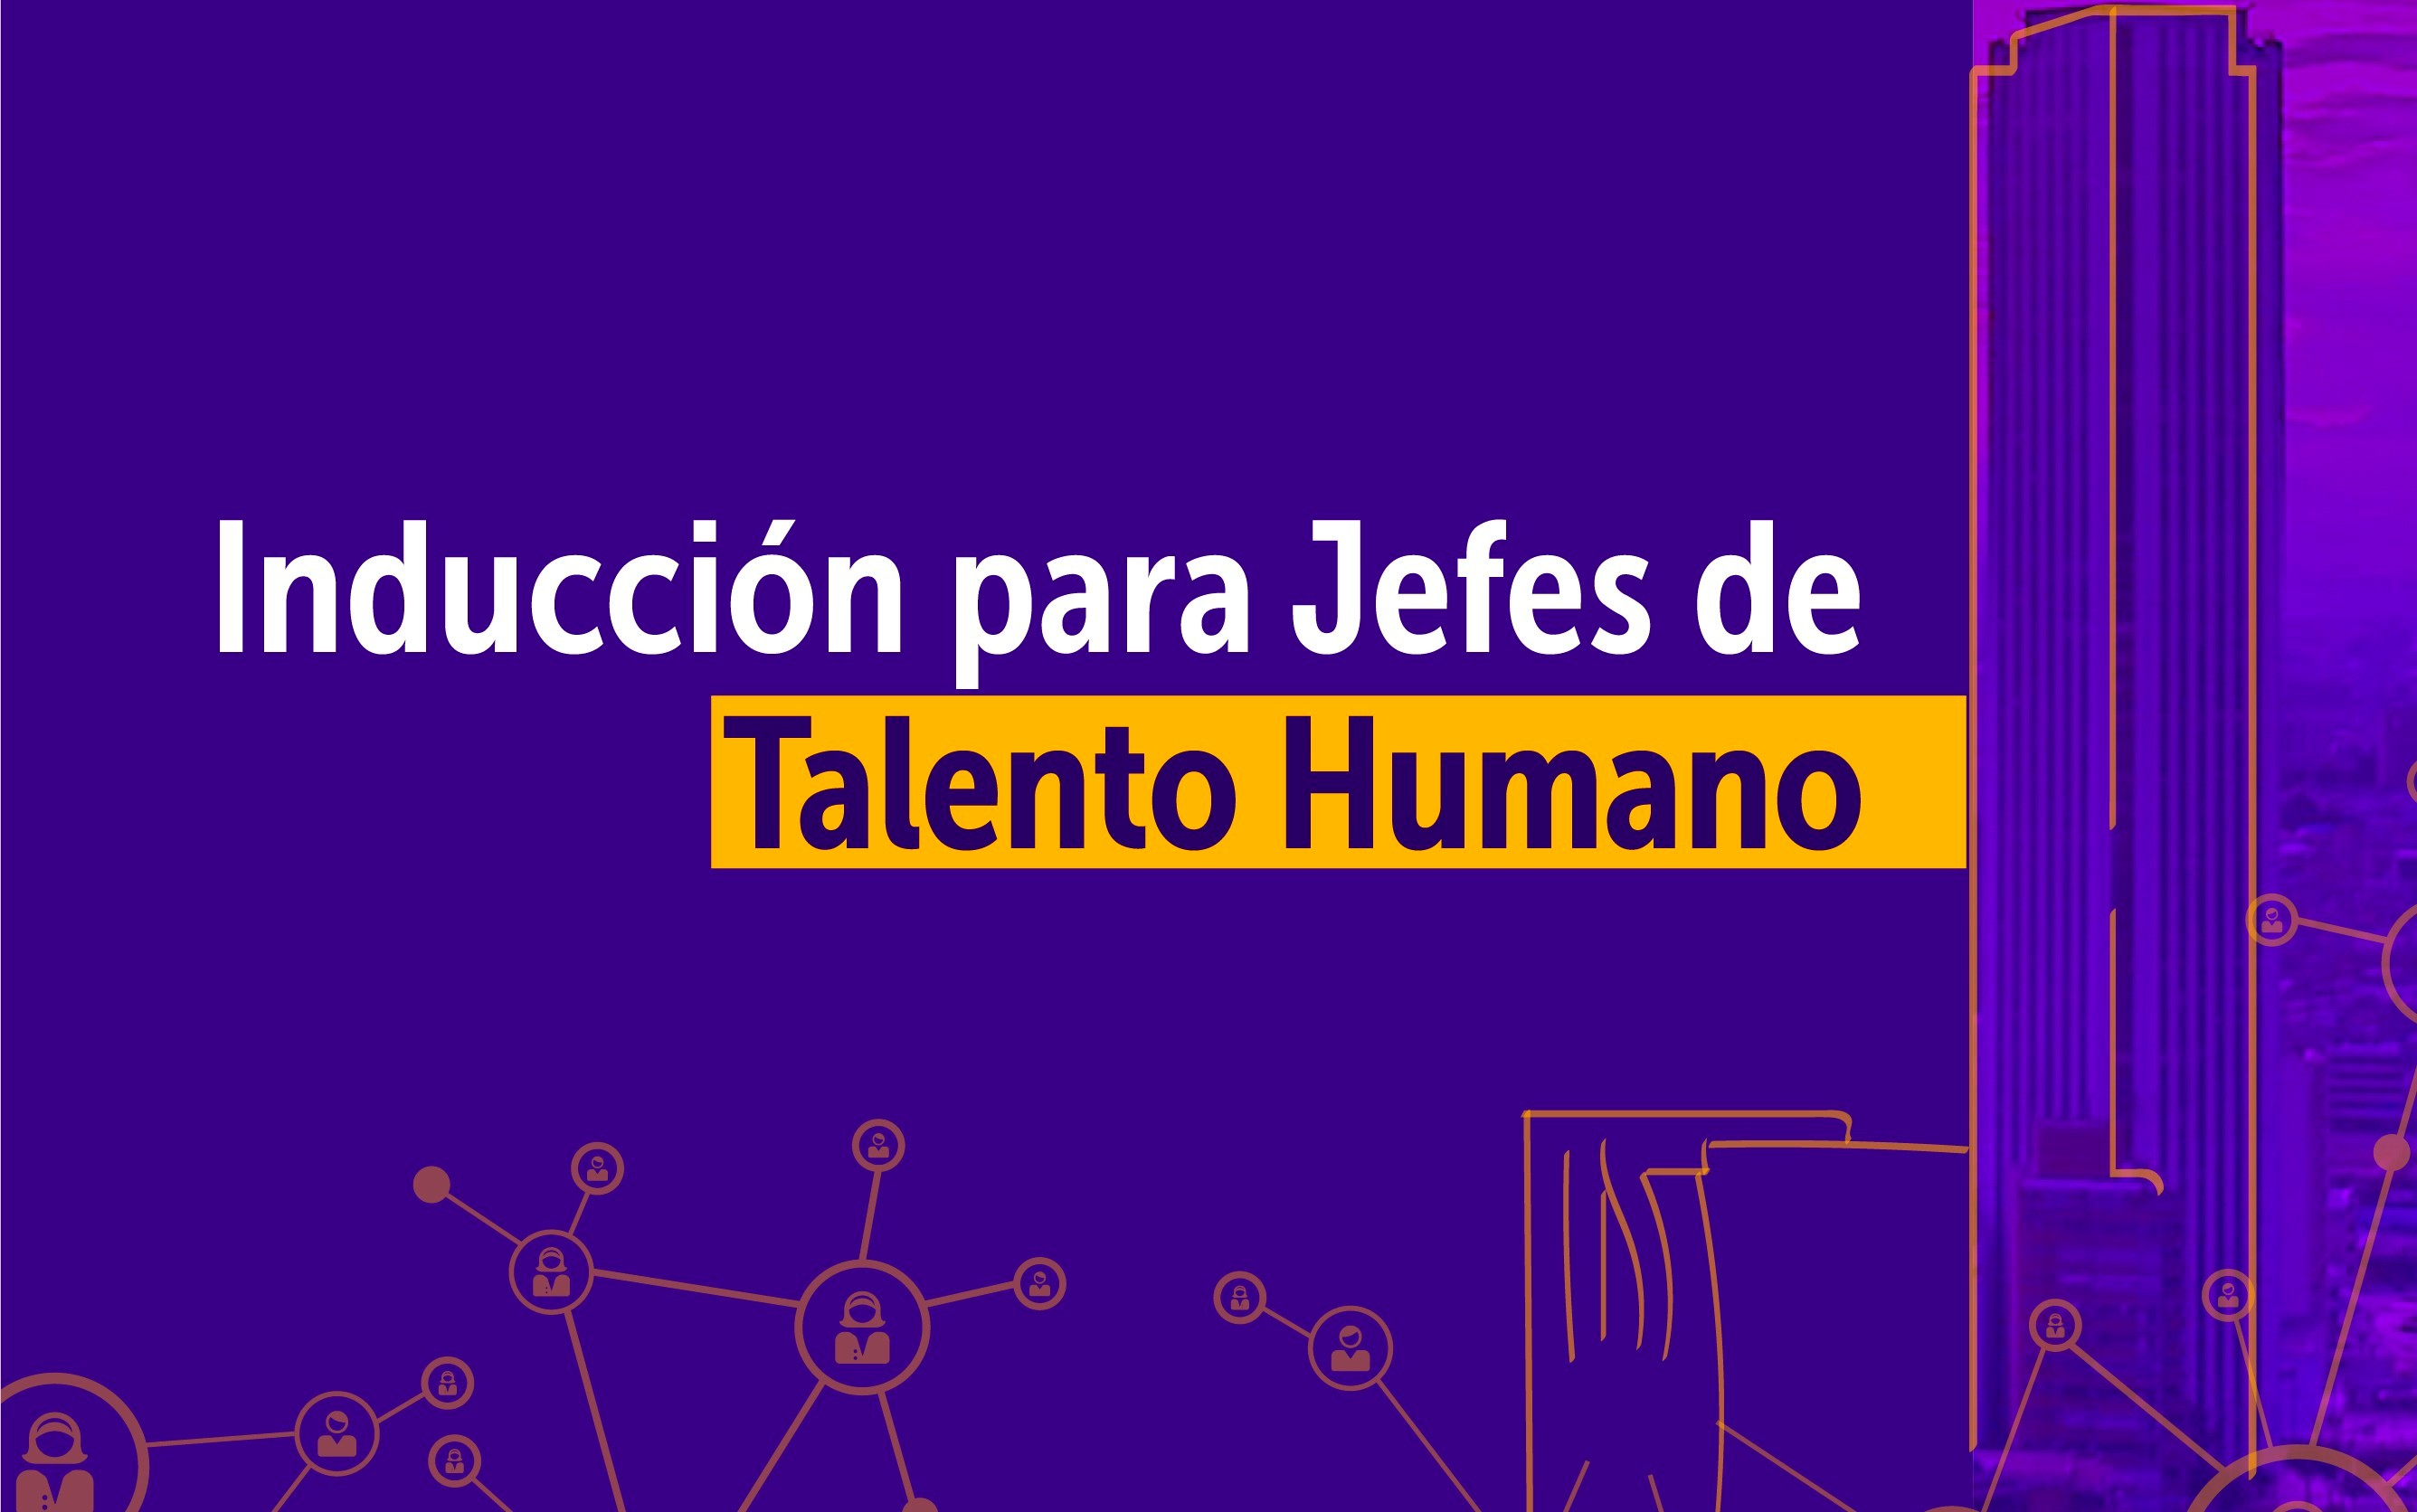 Inducción Jefes de Talento Humano (VII Cohorte)